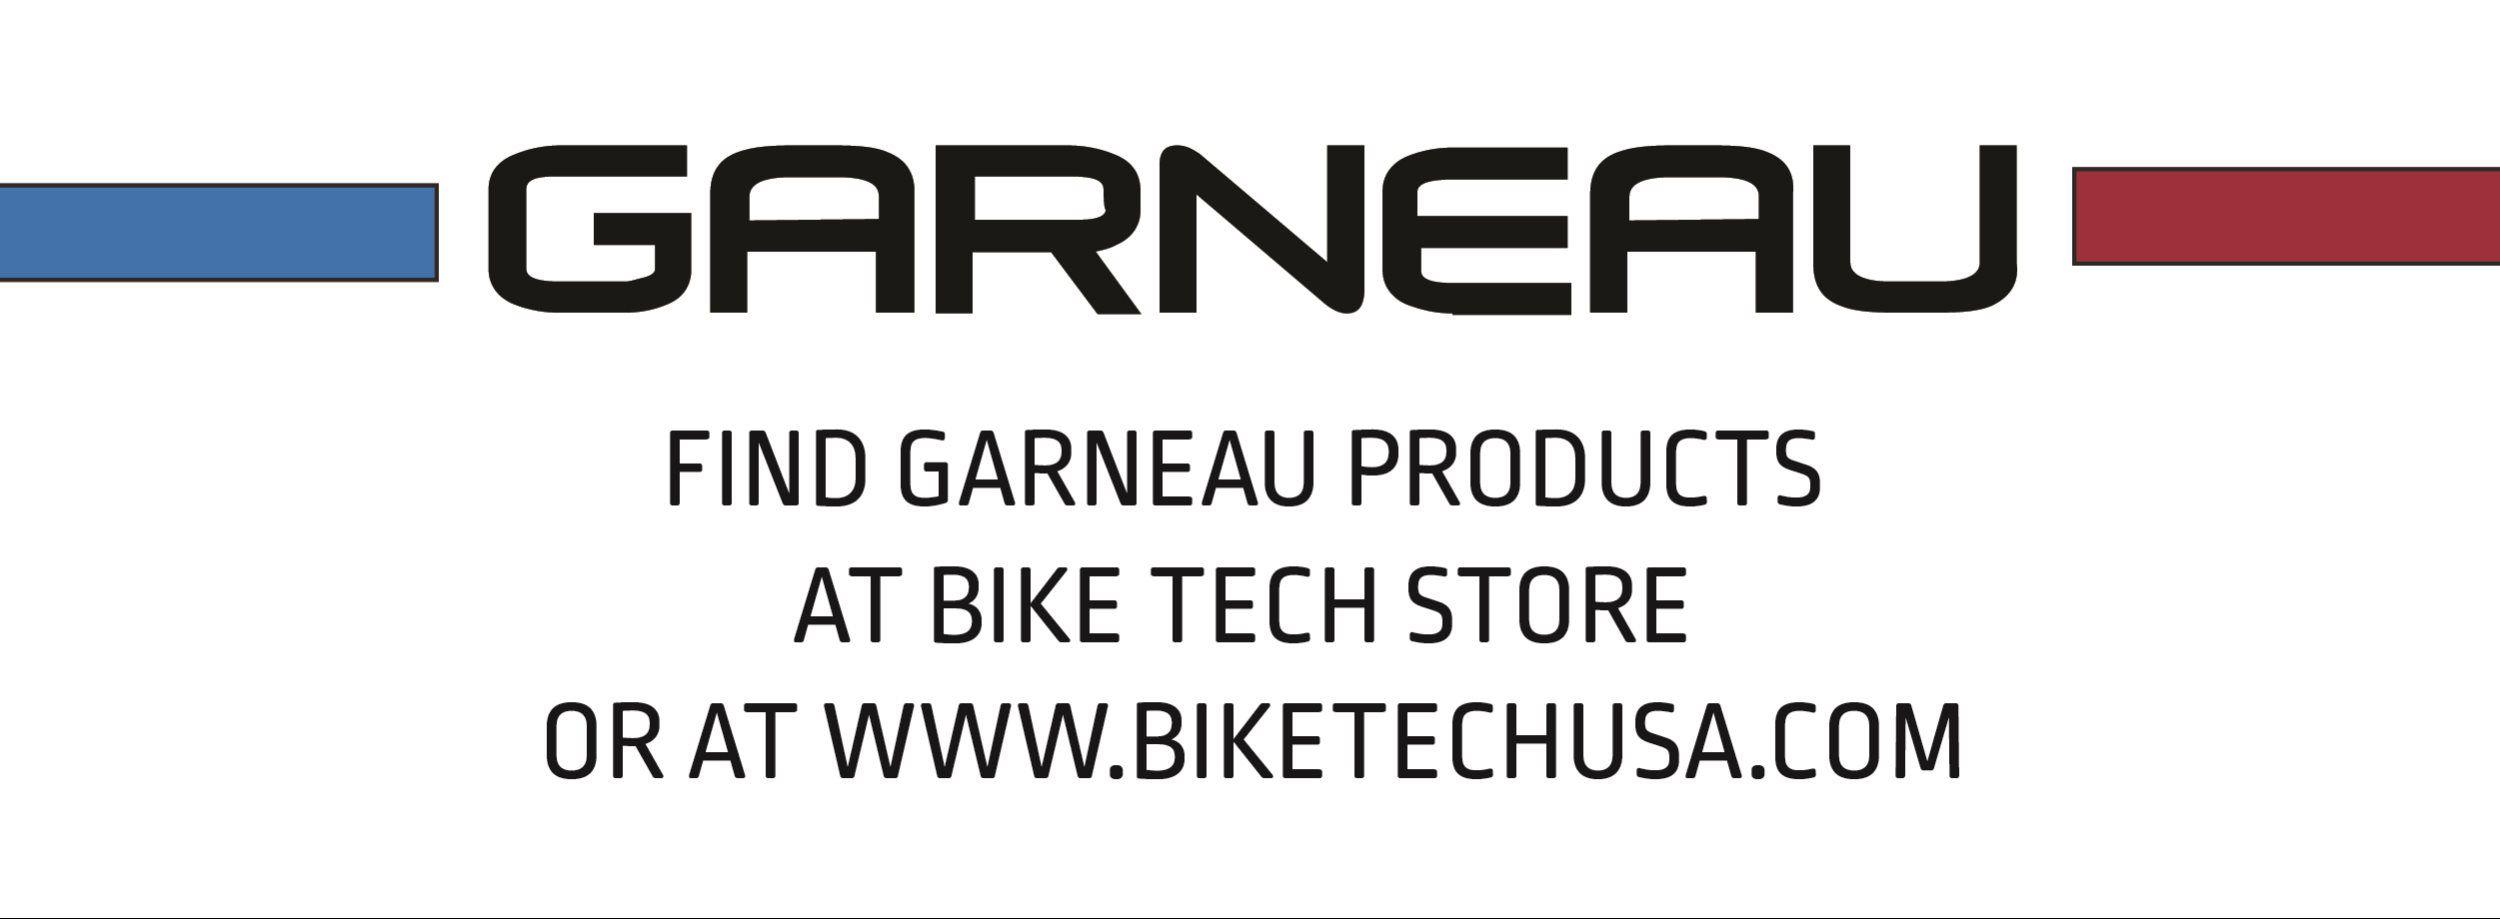 Find GARNEAU Gear at Bike Tech Stores or Online